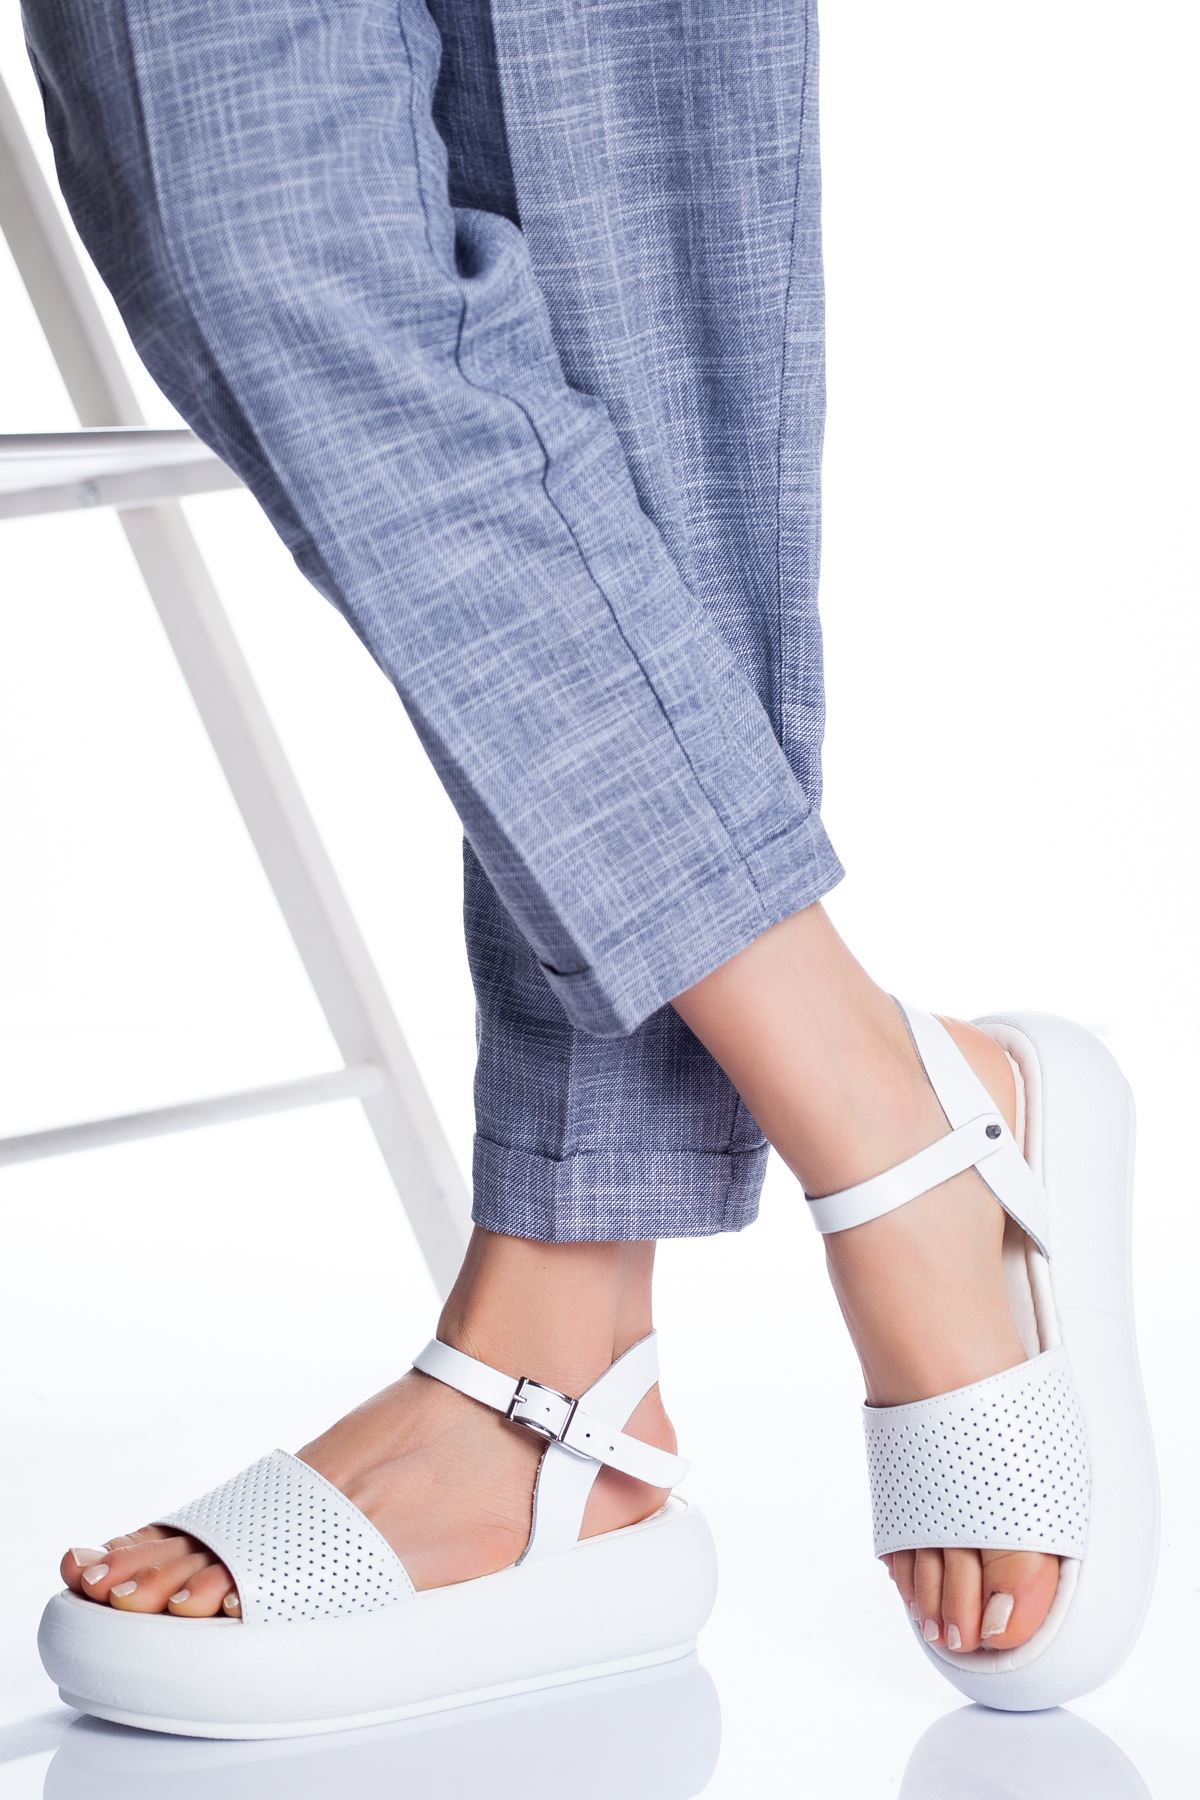 Loren Deri Sandalet BEYAZ